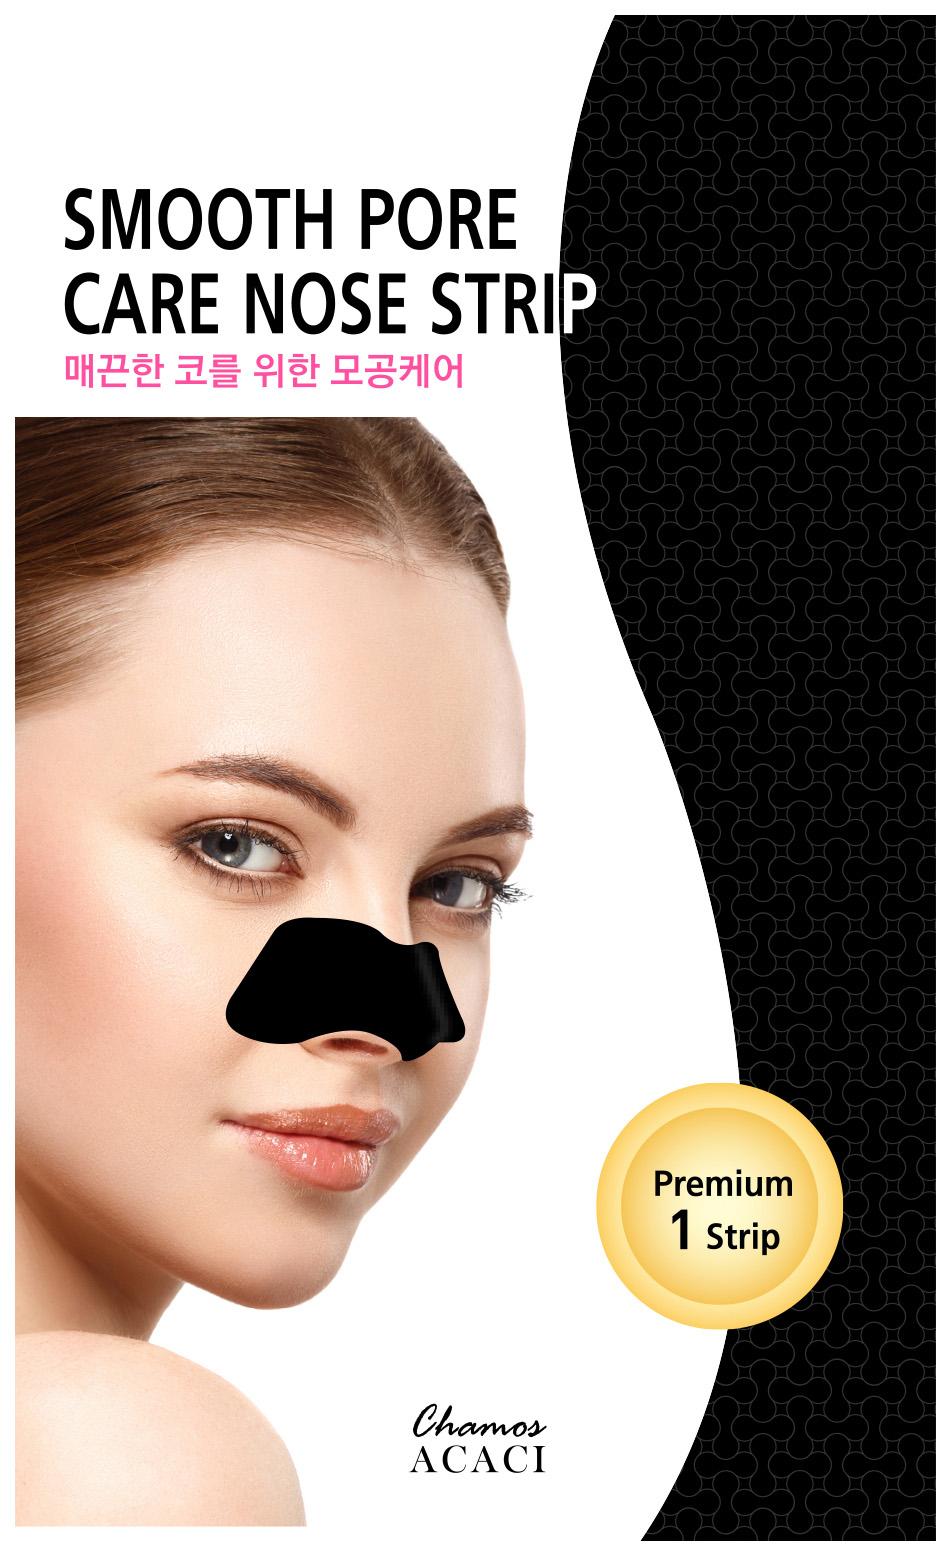 Патчи для очищения кожи Chamos Acaci Smooth Pore Care Nose Strip 3 г